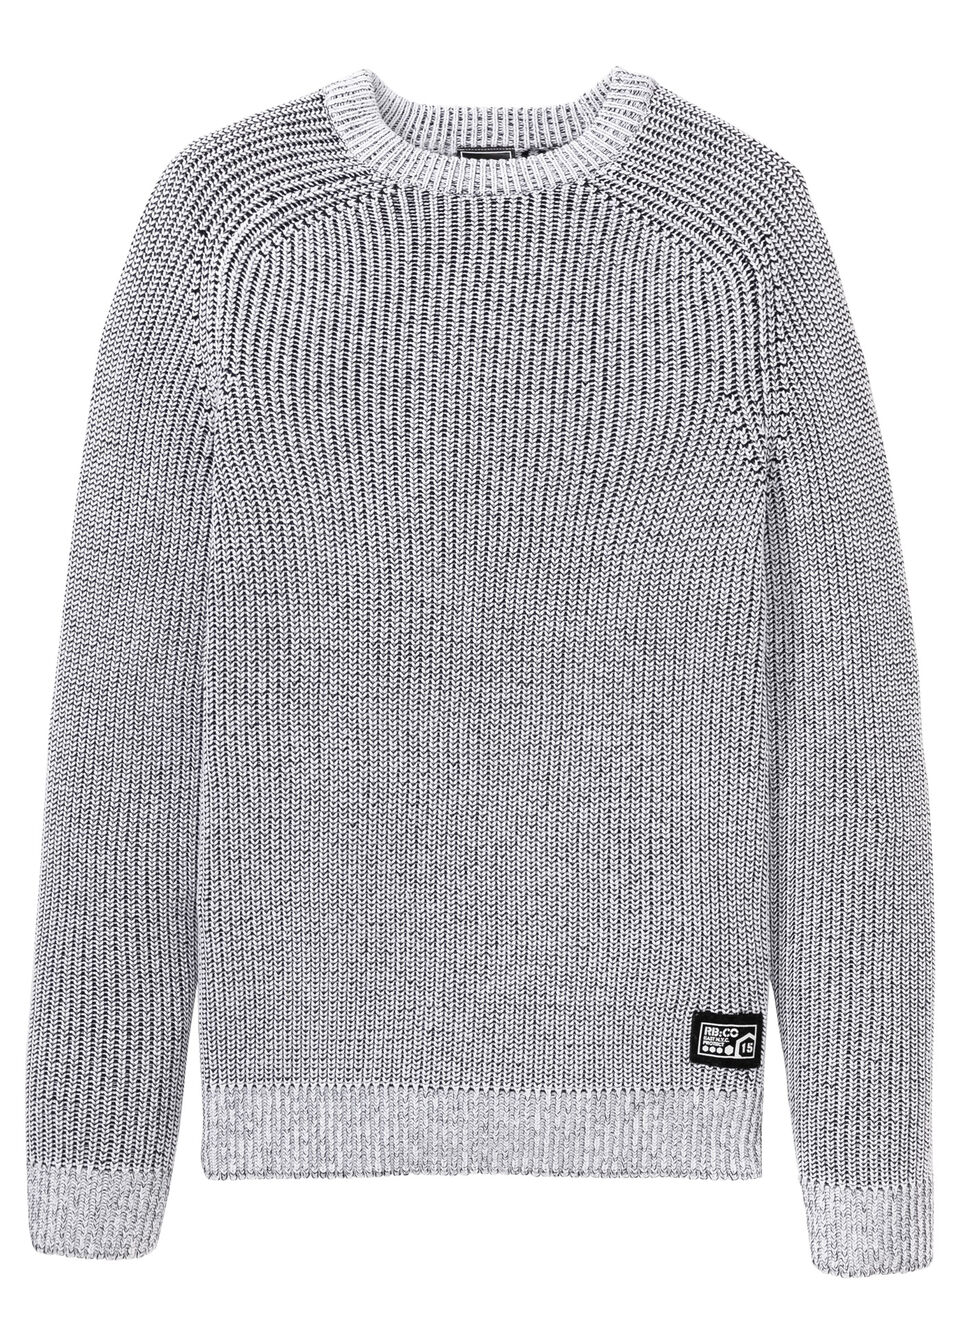 Пуловер с круглым вырезом горловины от bonprix